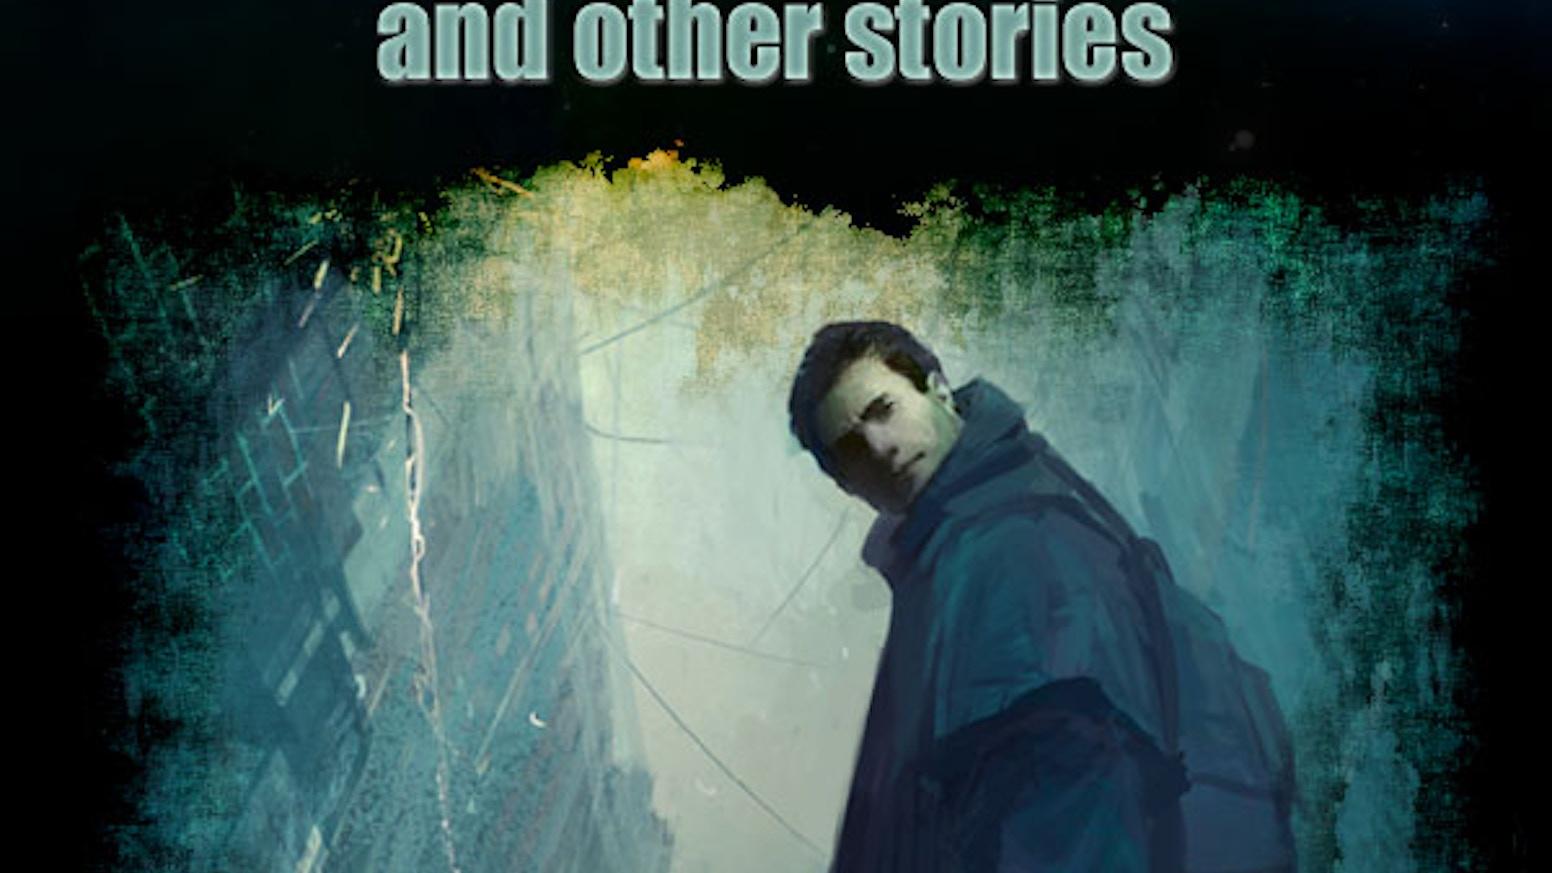 A short story collection by Alex Shvartsman.